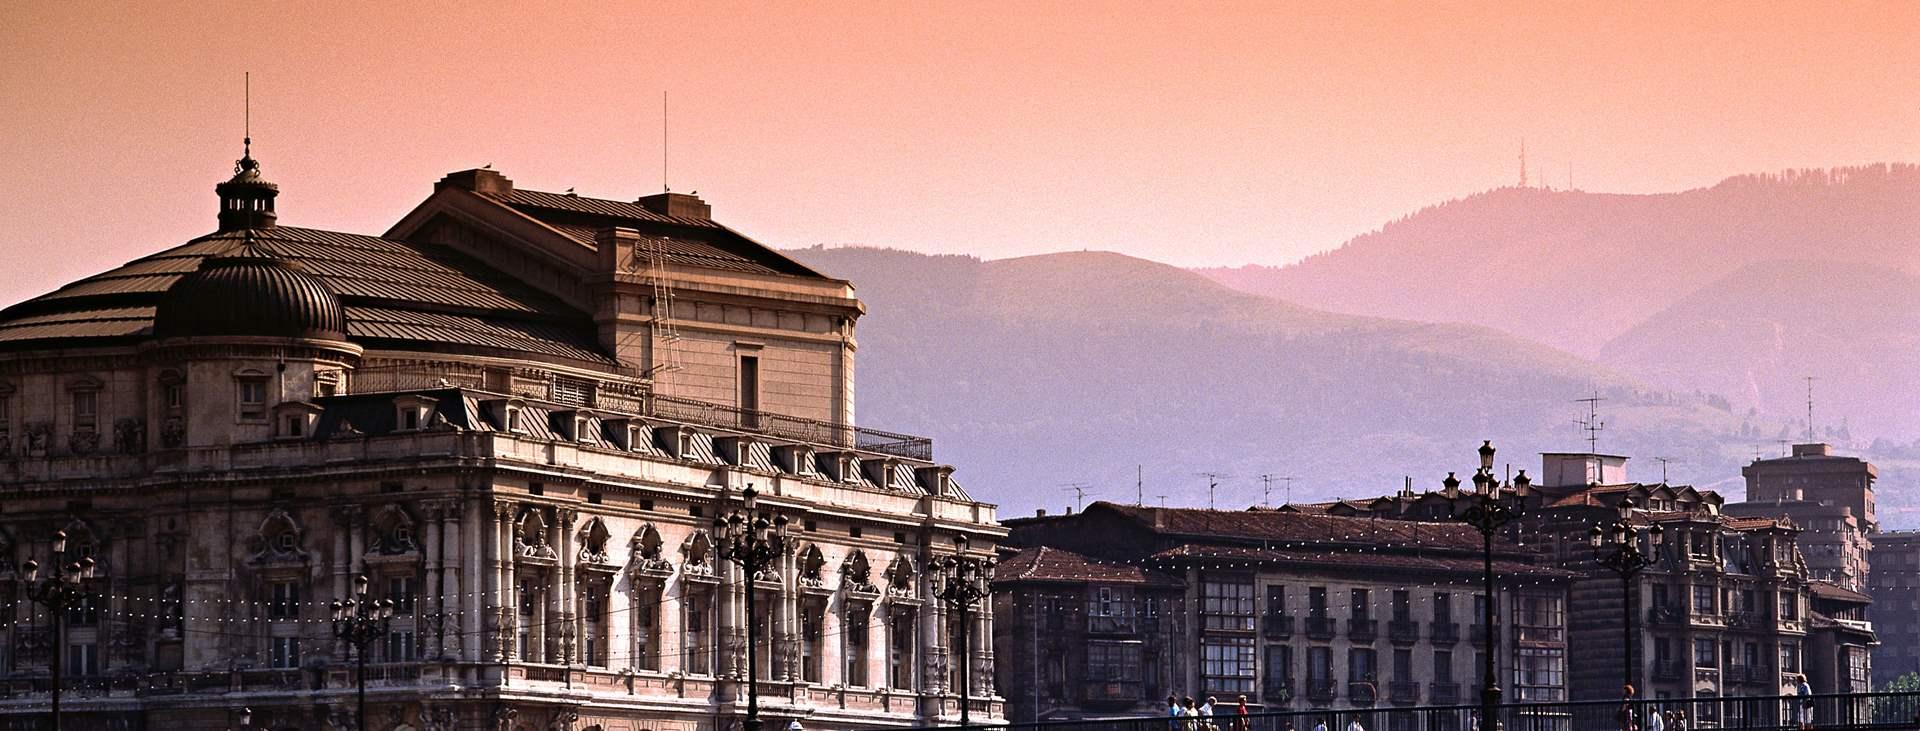 Bestill en reise til Bilbao i Spania med Ving